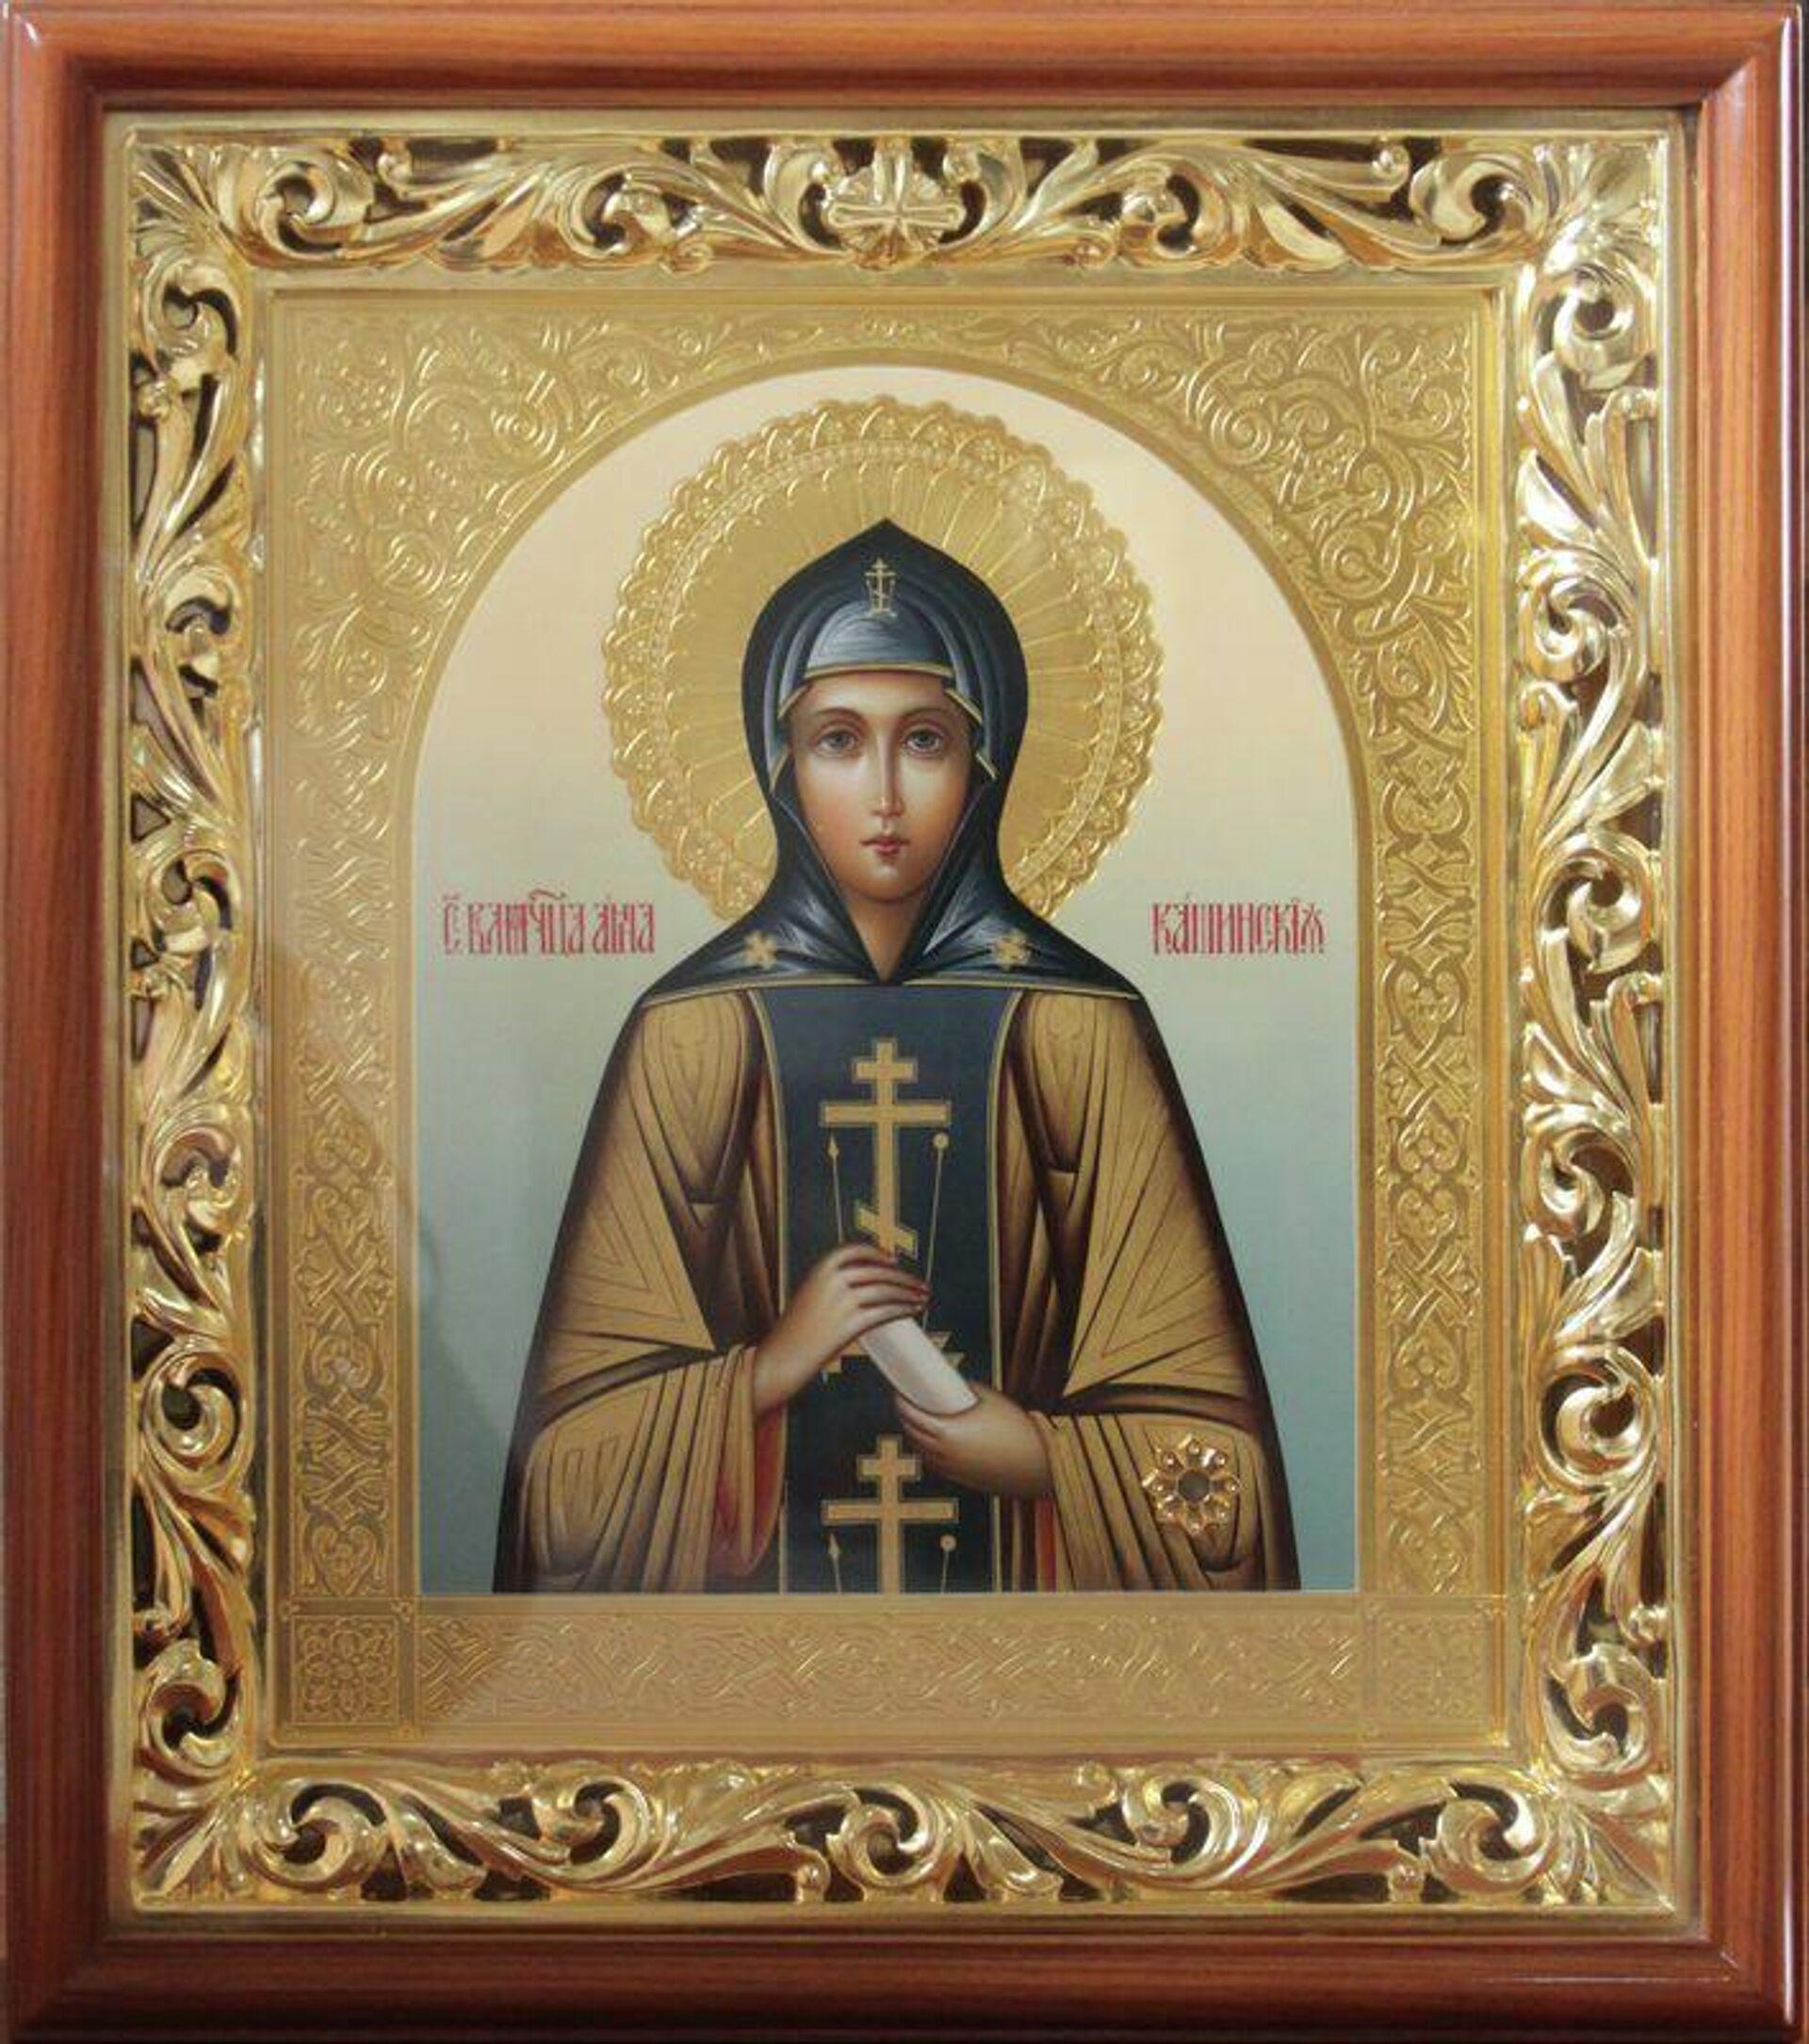 Икона Анны Кашинской - РИА Новости, 1920, 11.10.2021